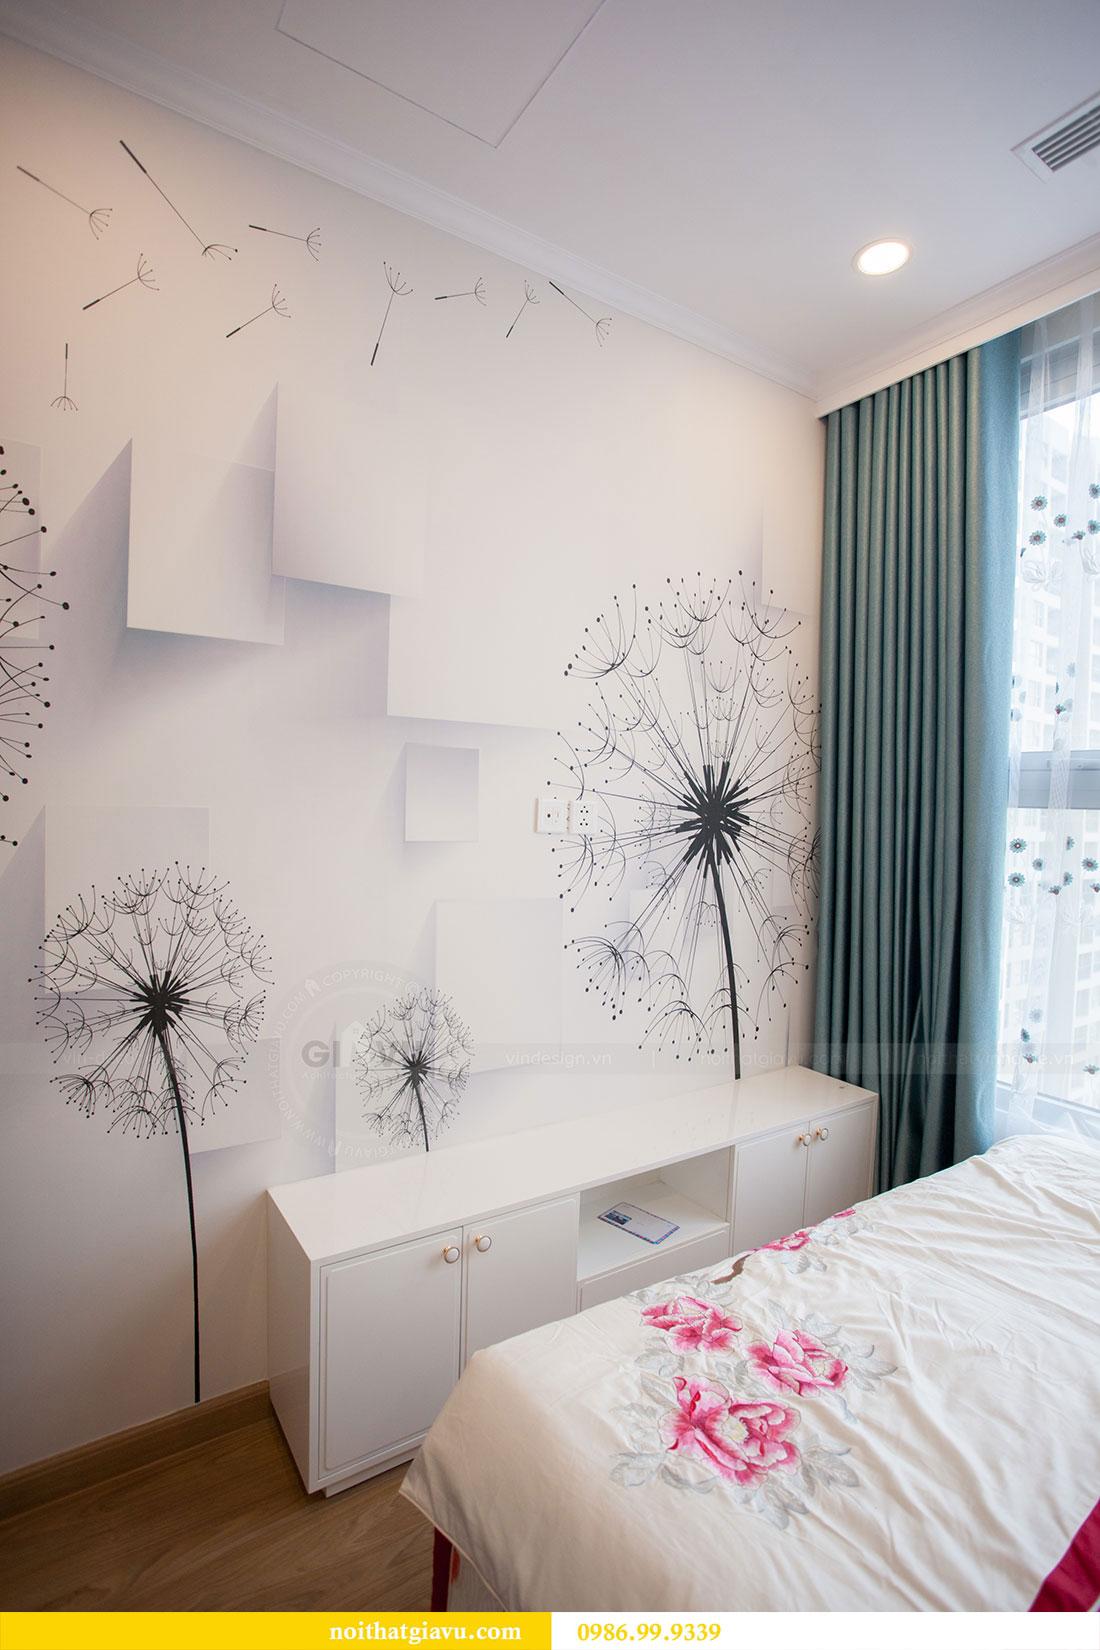 Thi công hoàn thiện nội thất chung cư Gardenia căn 21 tòa A3 15